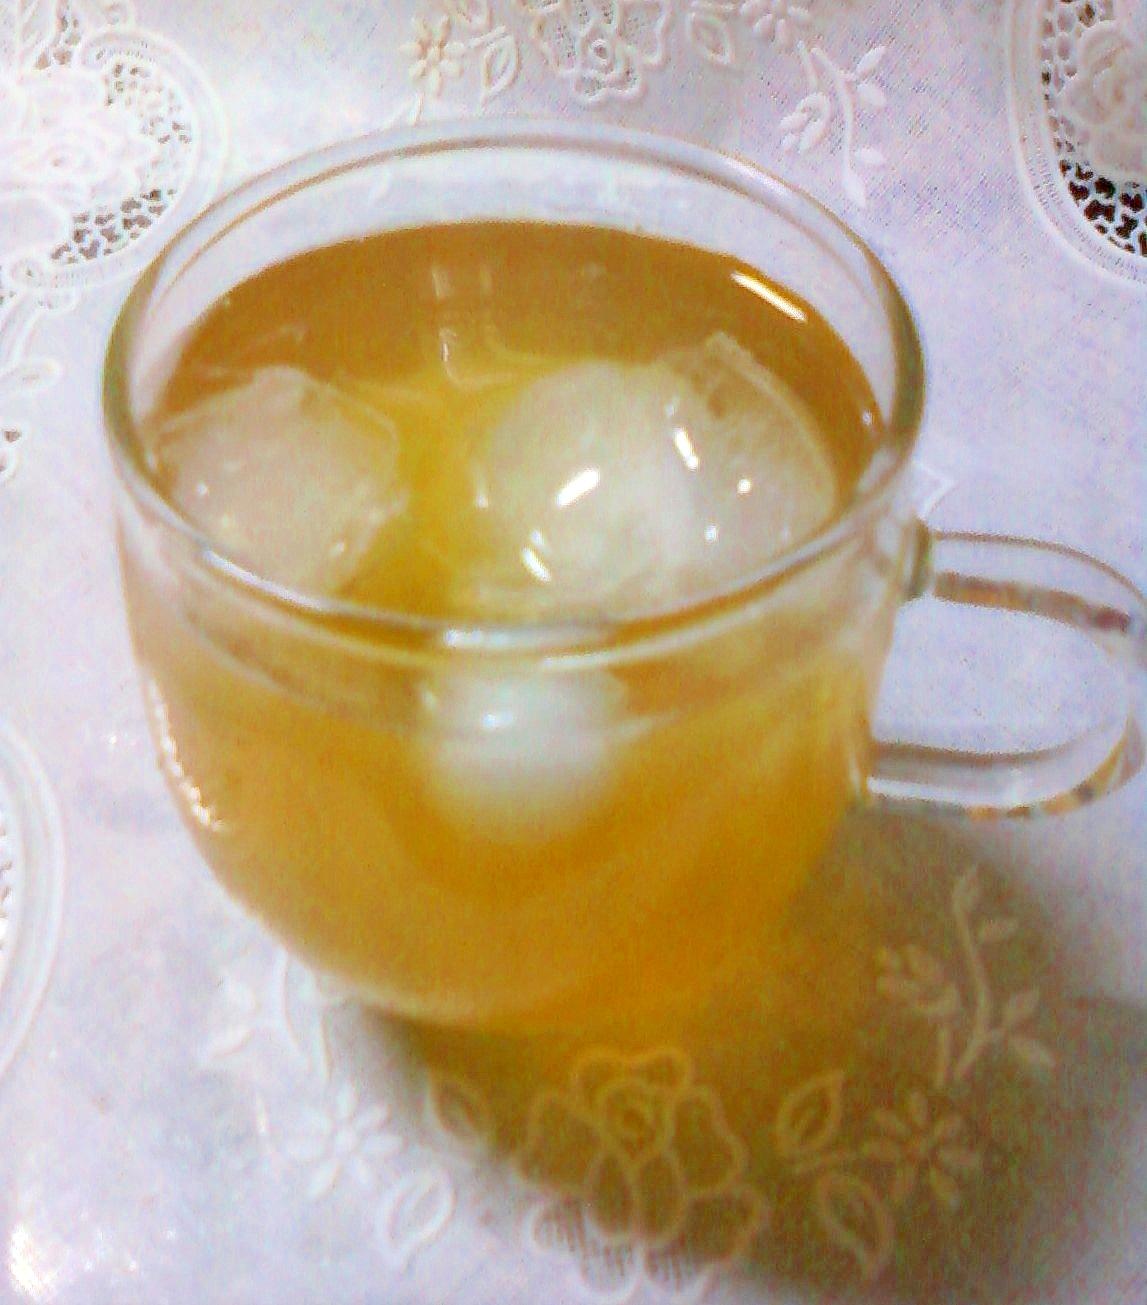 ★。・ホエーはと麦茶割り焼酎☆。.:*:・'゜★